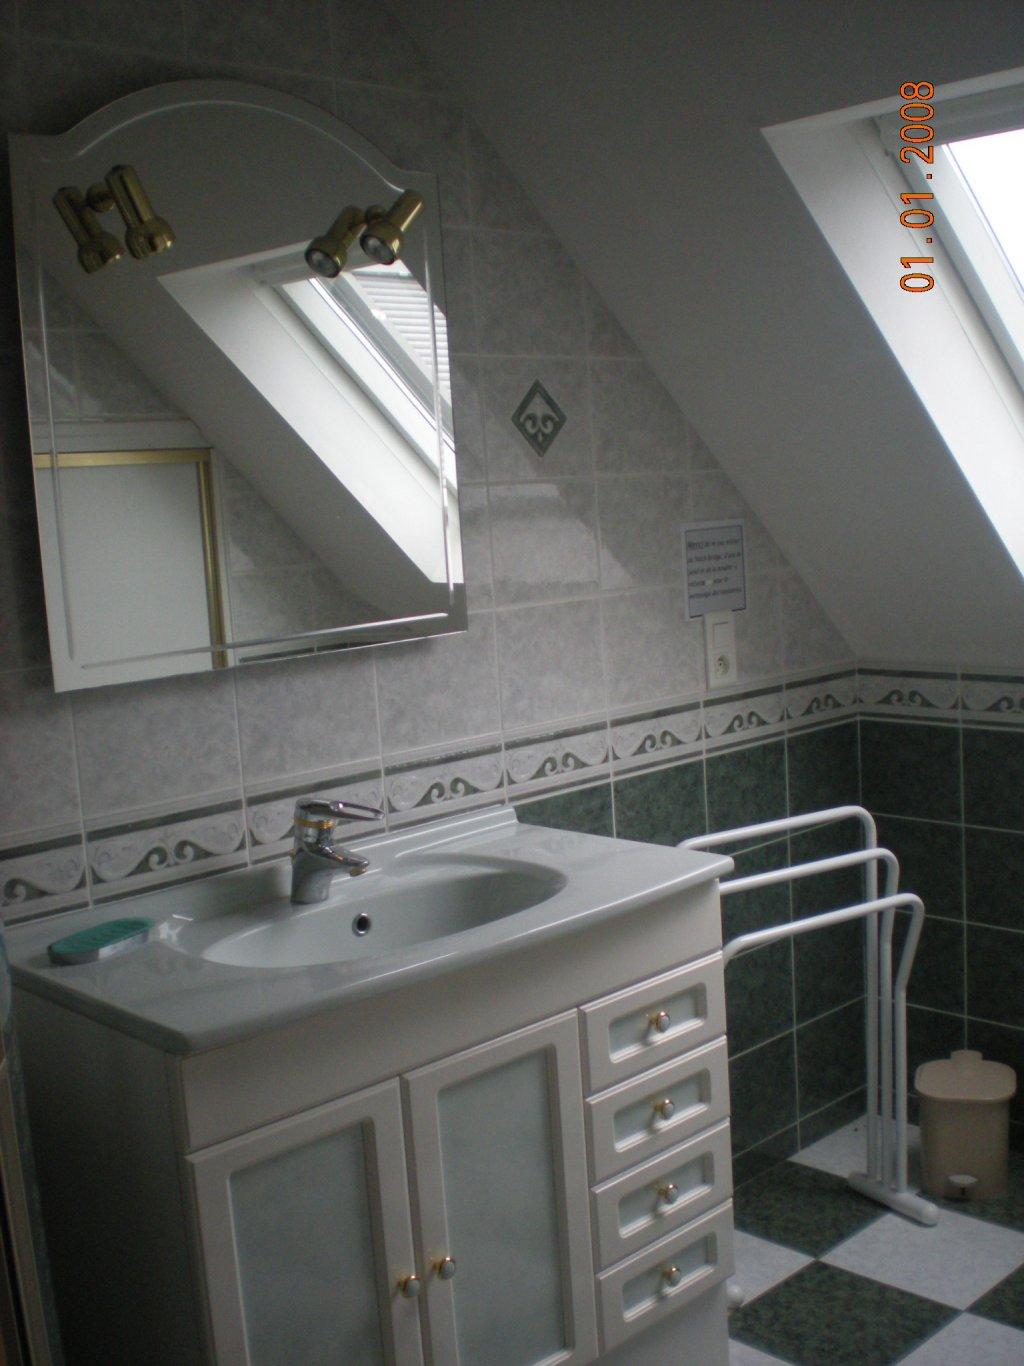 maison vacances fouesnant location 8 personnes roseline jacq. Black Bedroom Furniture Sets. Home Design Ideas